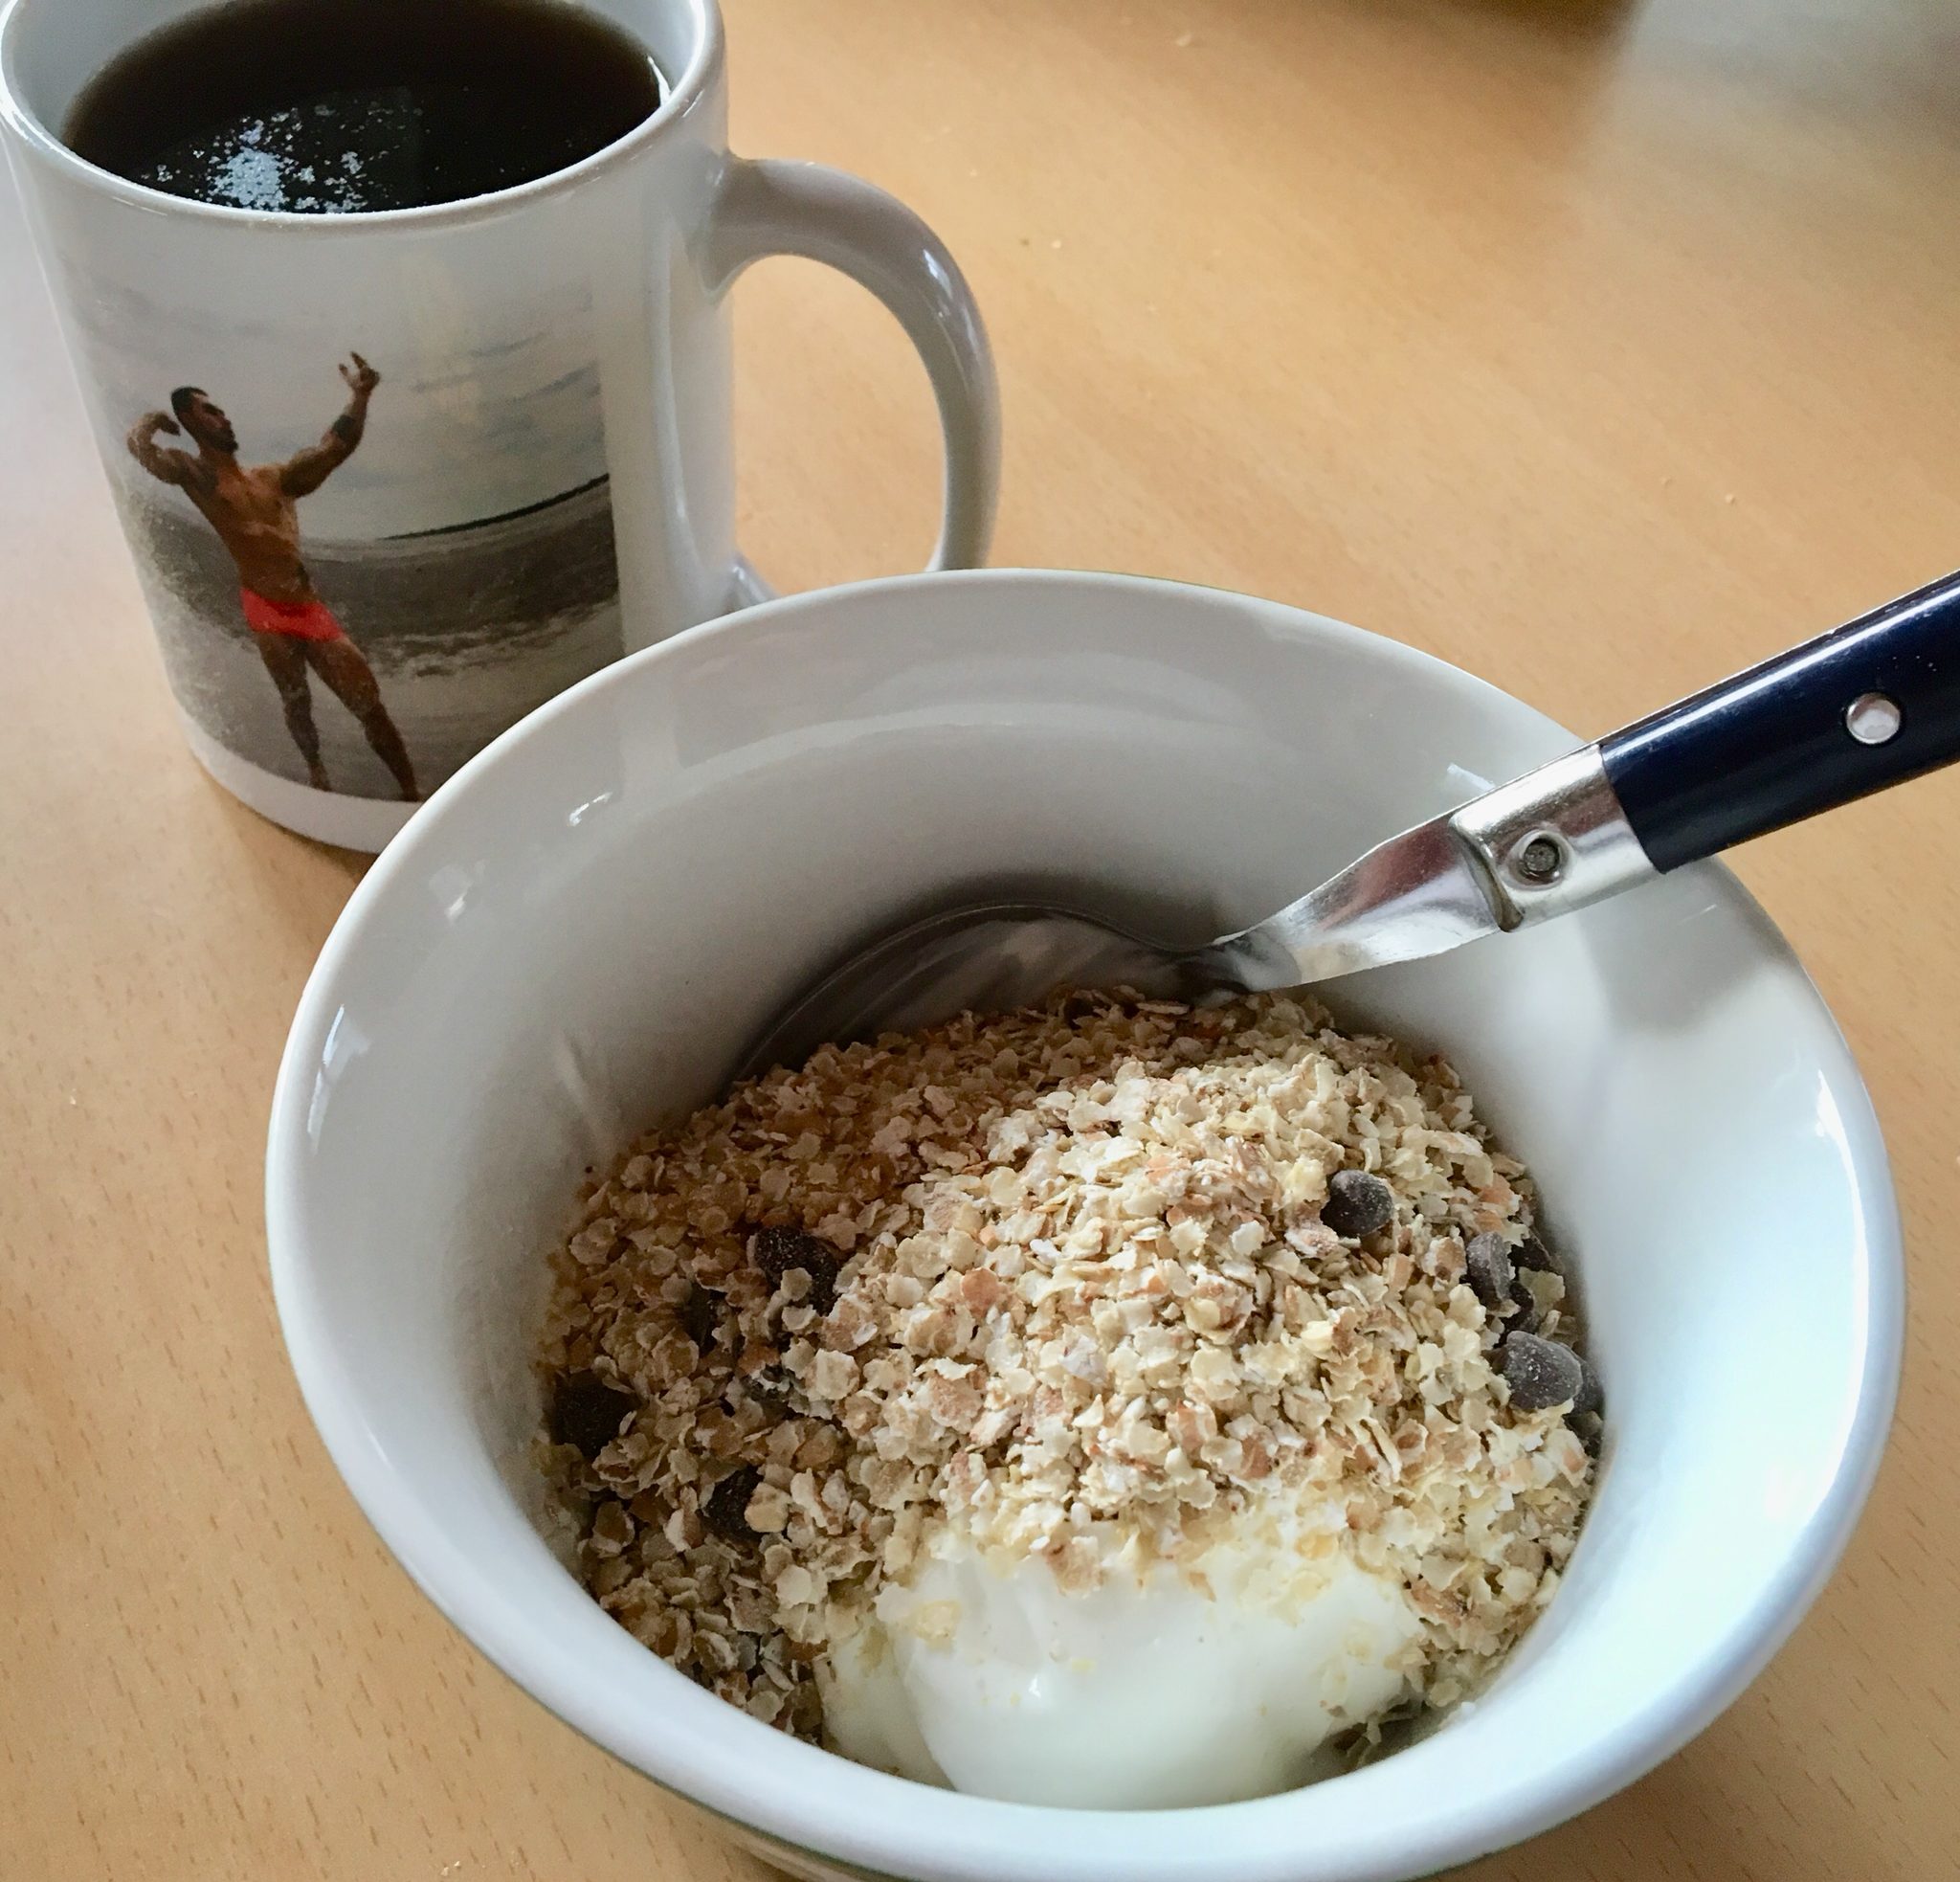 NOUVEAU: Muesli aux sarrasins,quinoa et chocolat (sans gluten) - 1 kg